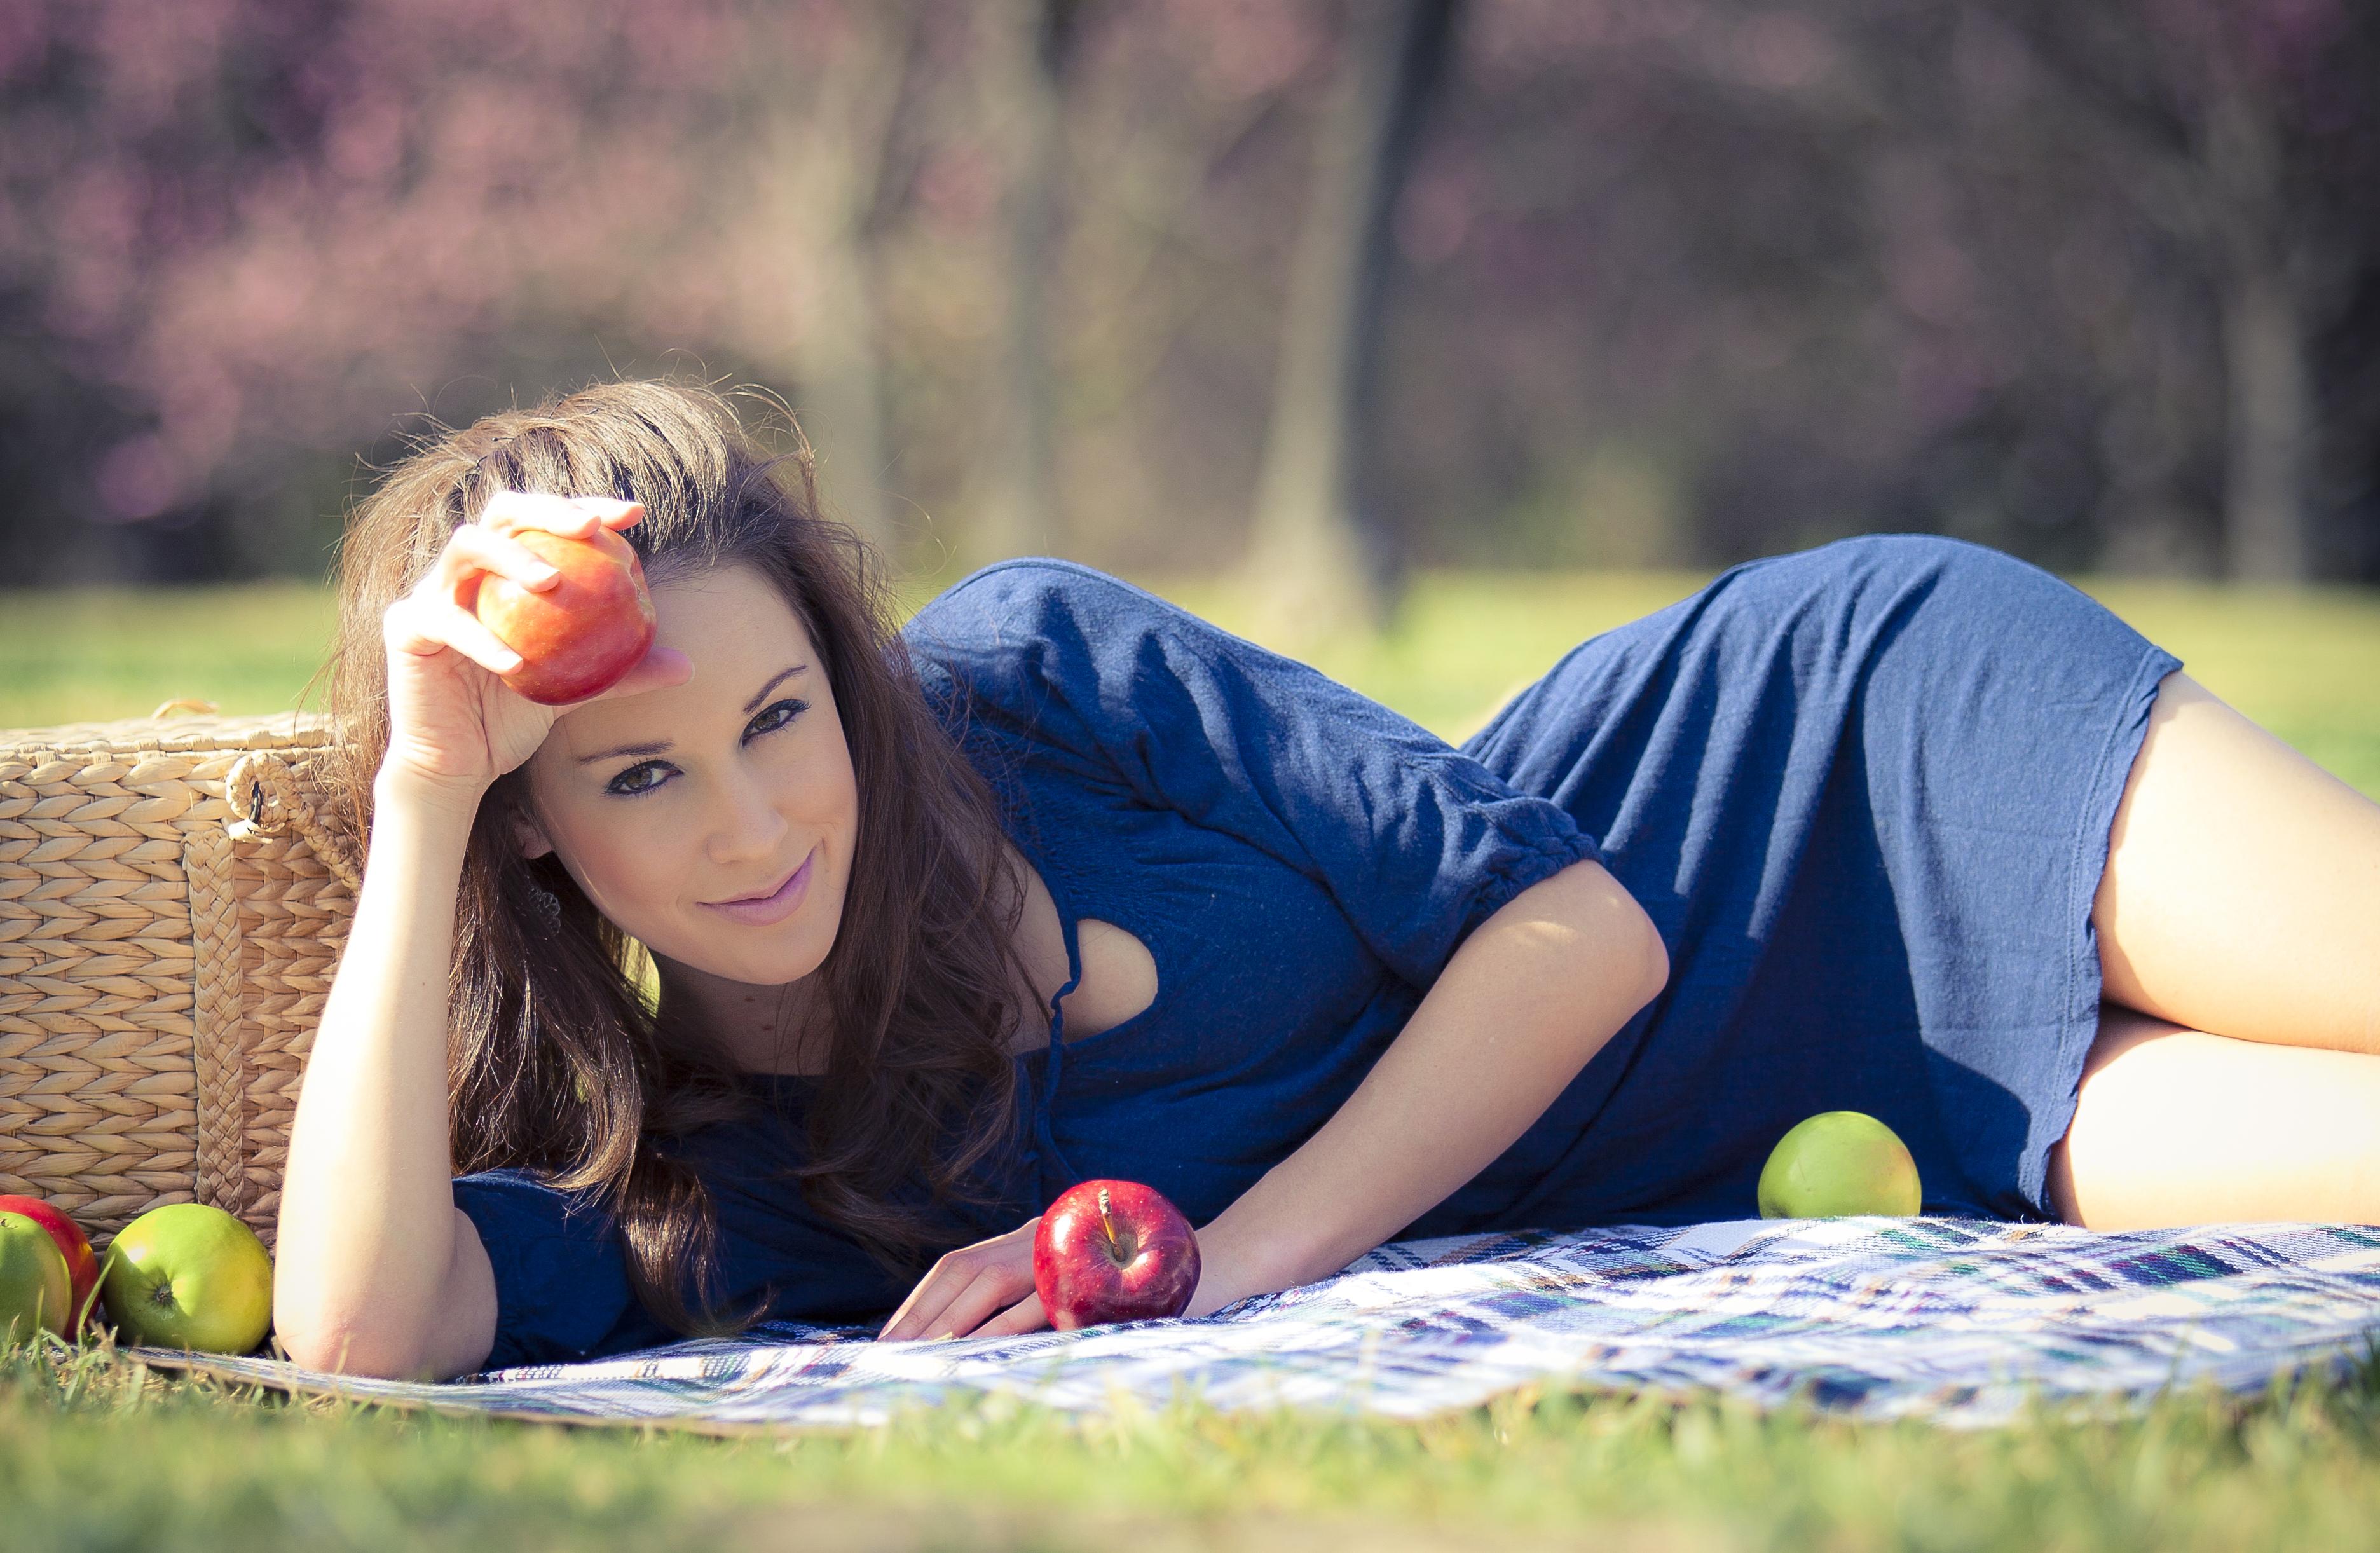 Фото голых девочек на пикниках 6 фотография